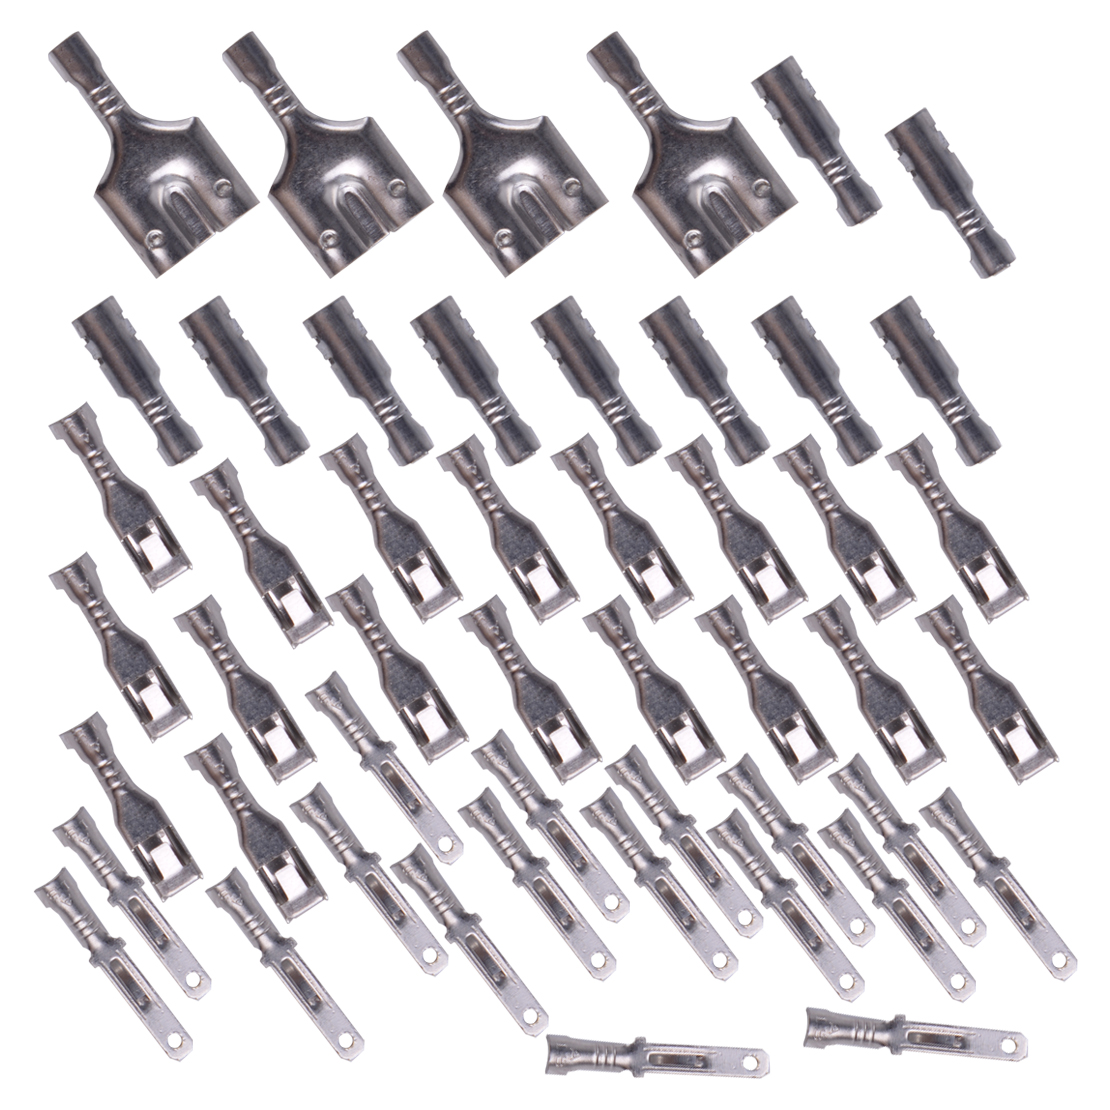 Motorcycle Electrical Wiring Harness Repair Kit Loom Plugs